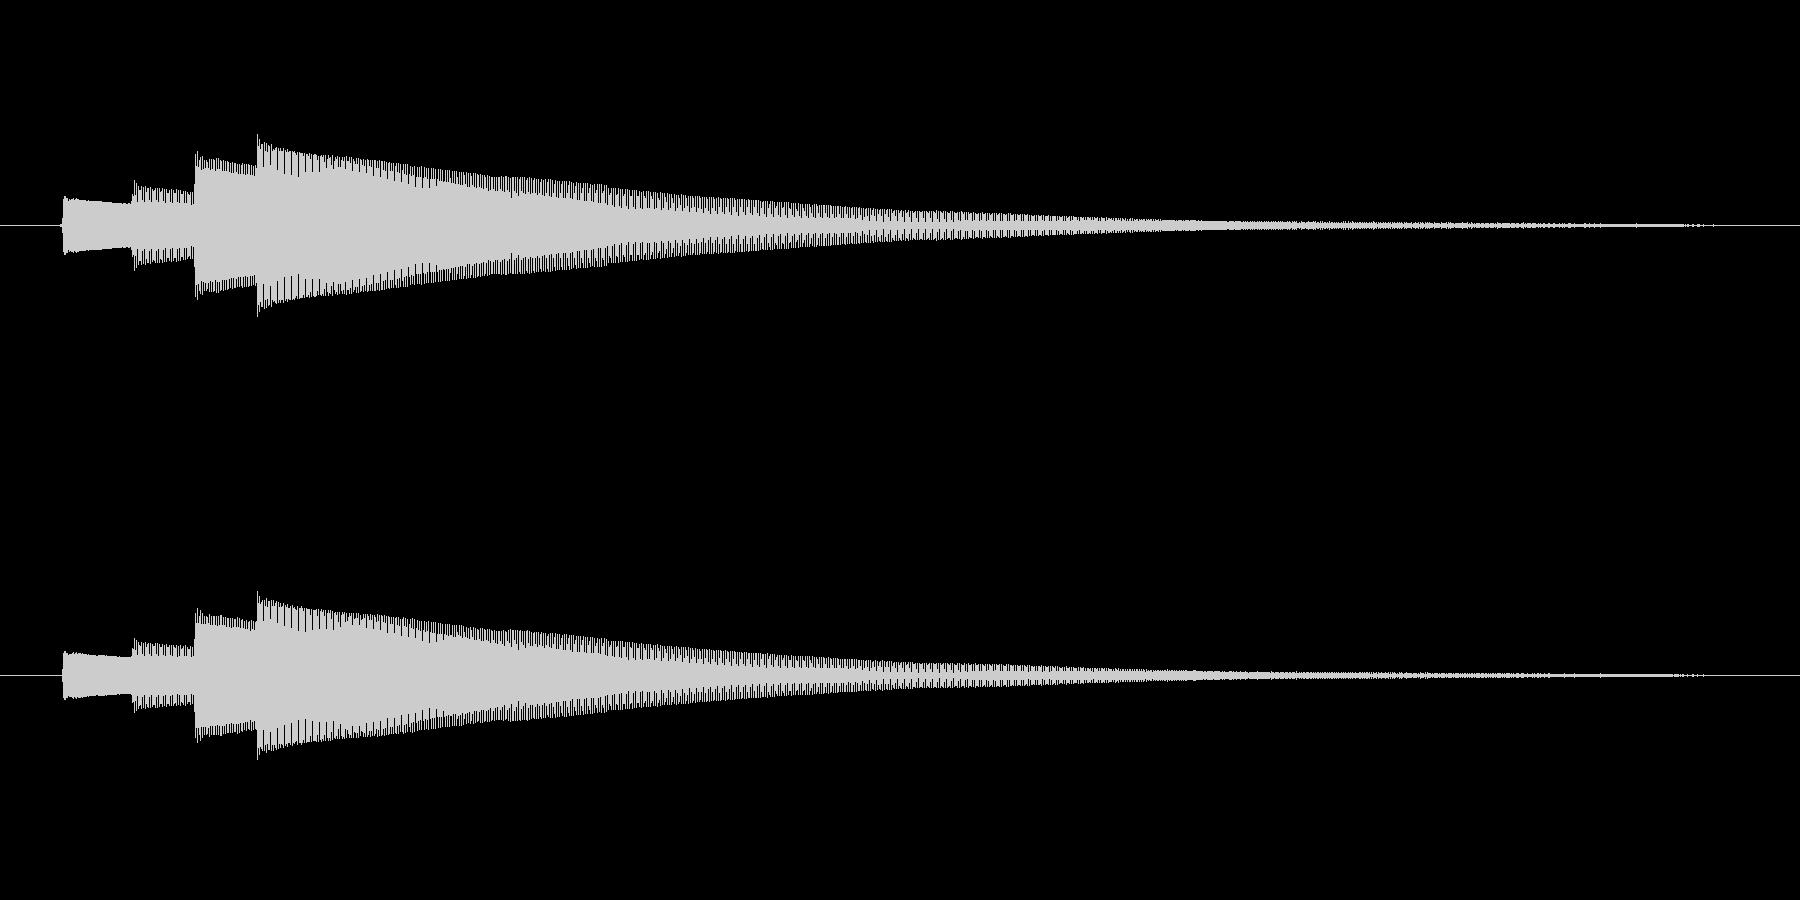 始めピンポンパンポン (早い)の未再生の波形